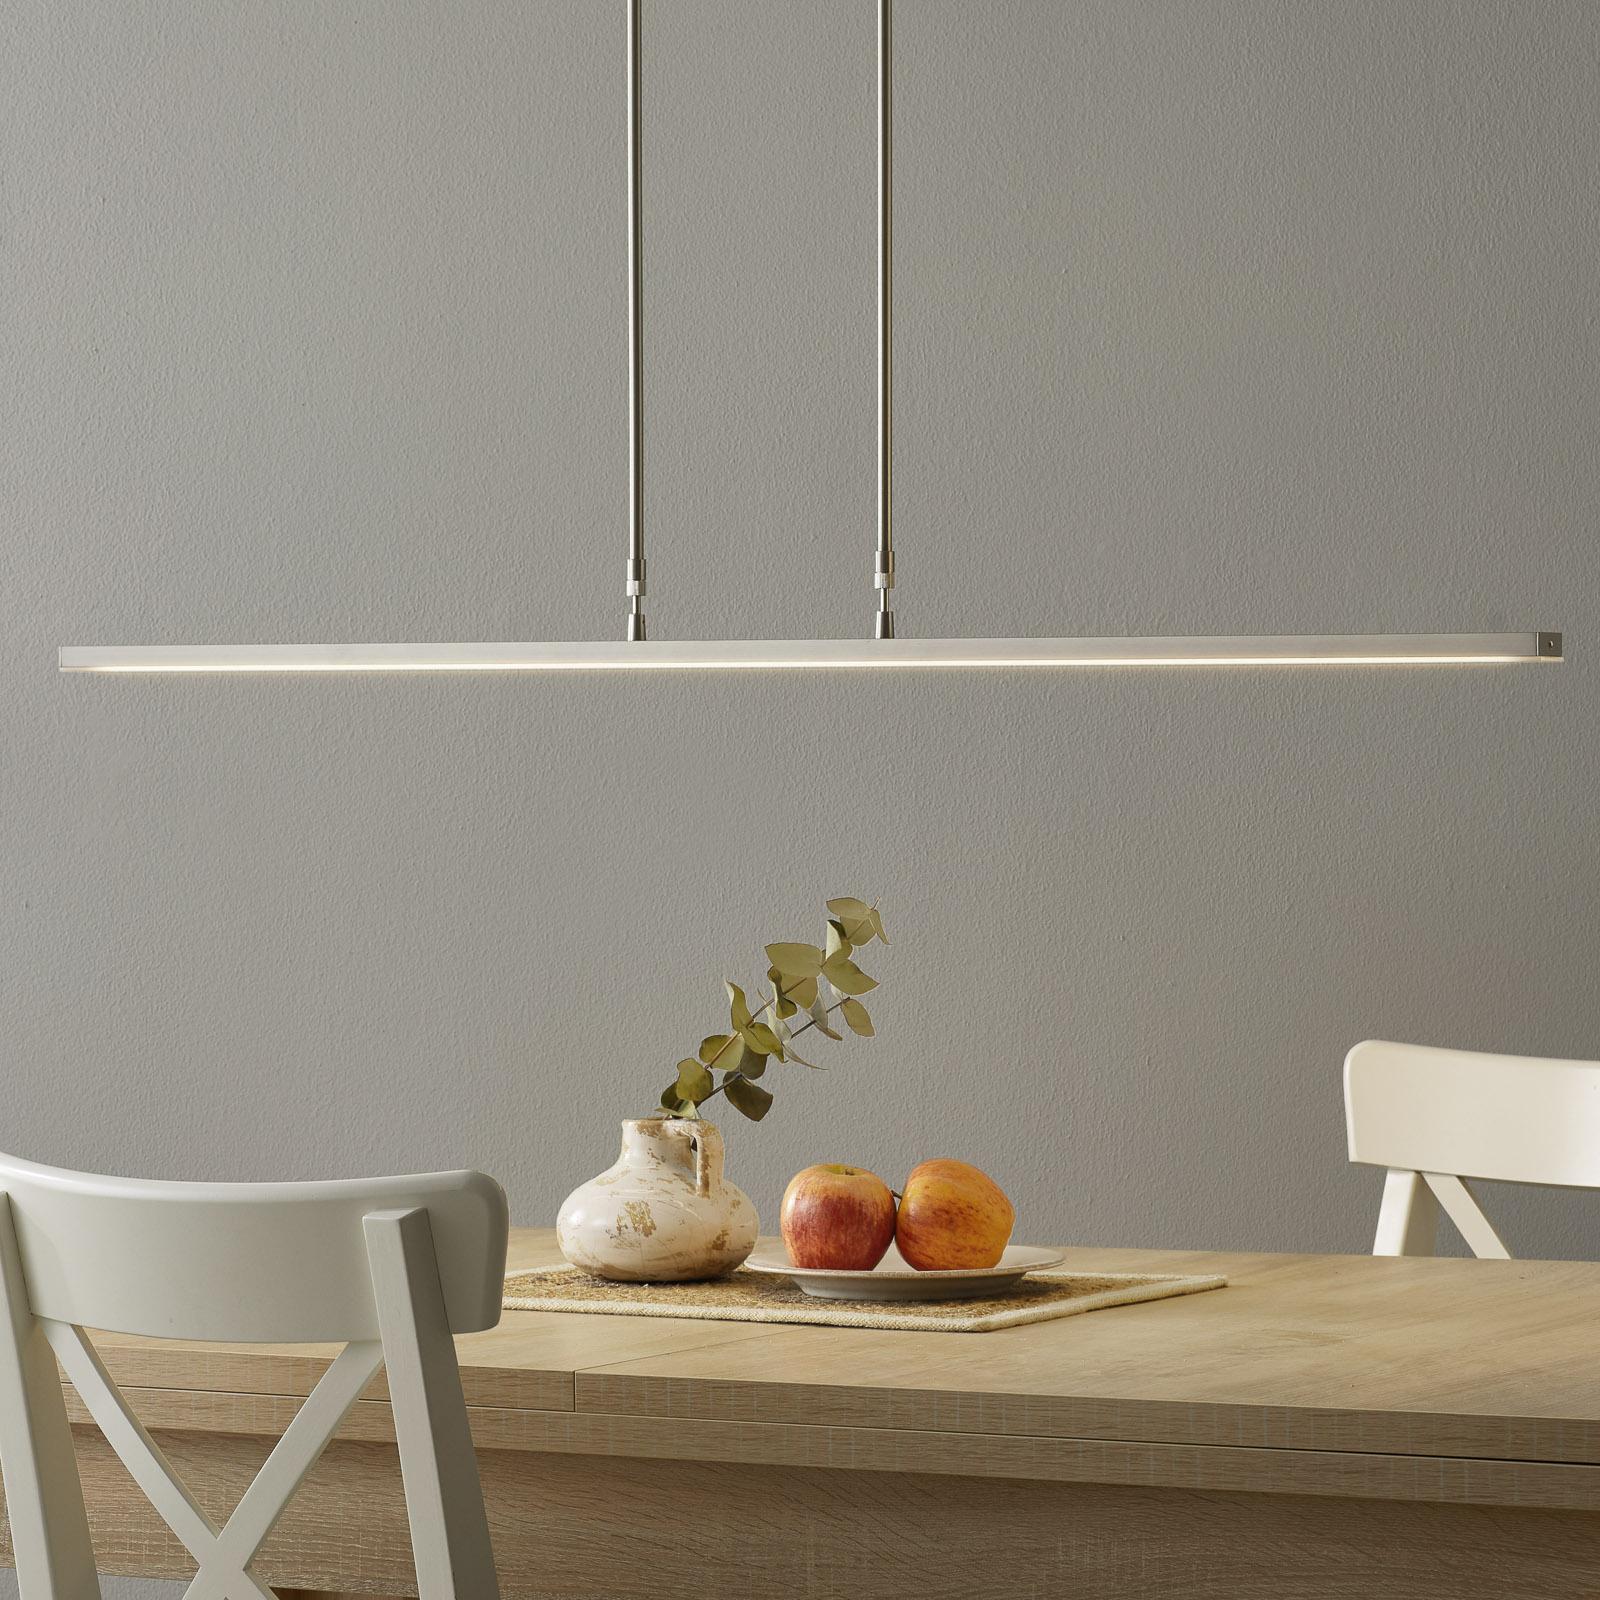 Suspension LED Zelena avec fonction Dim to Warm